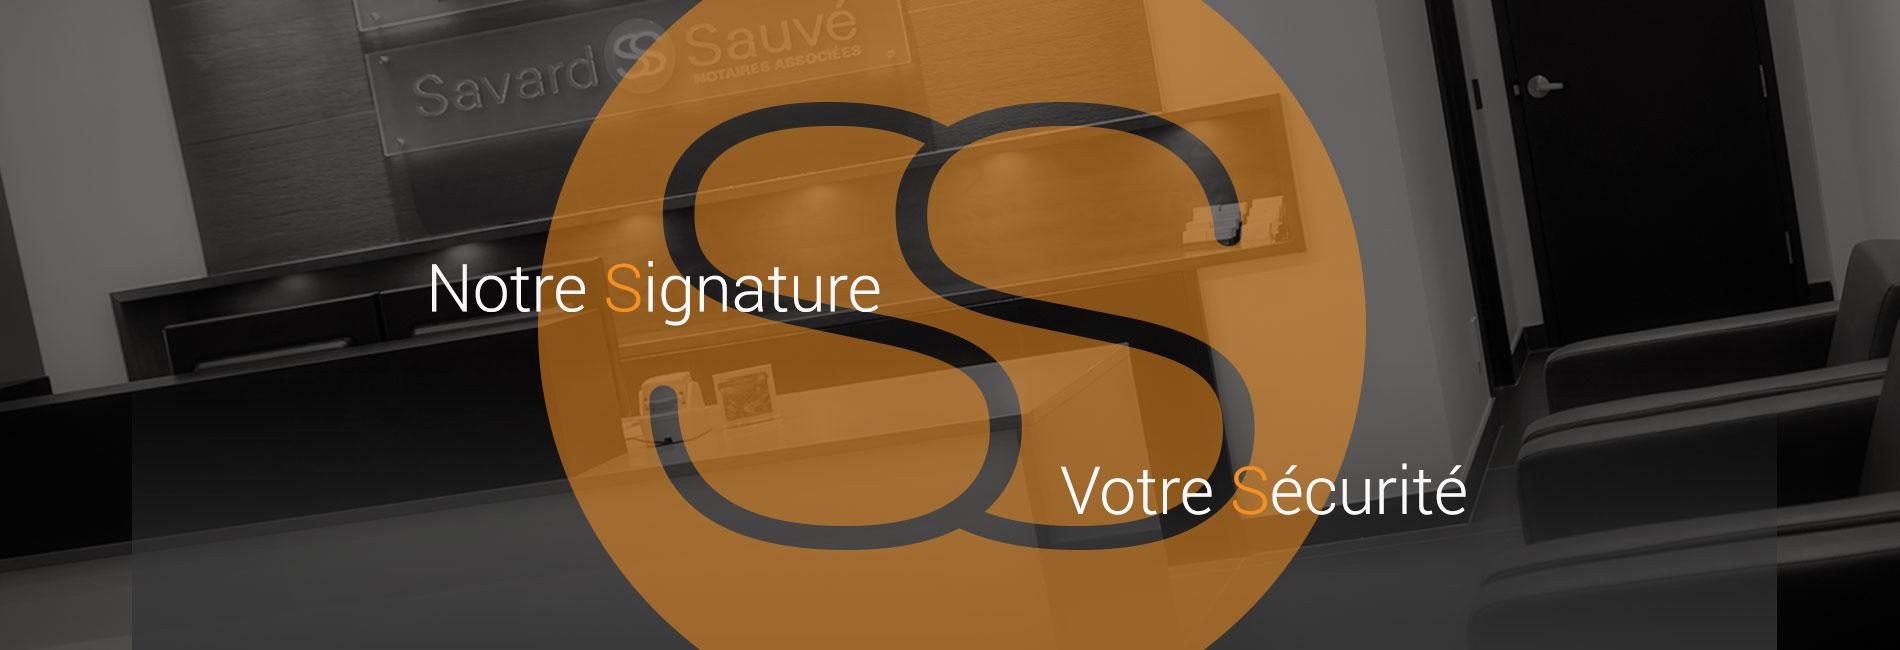 Notre signature, votre sécurité